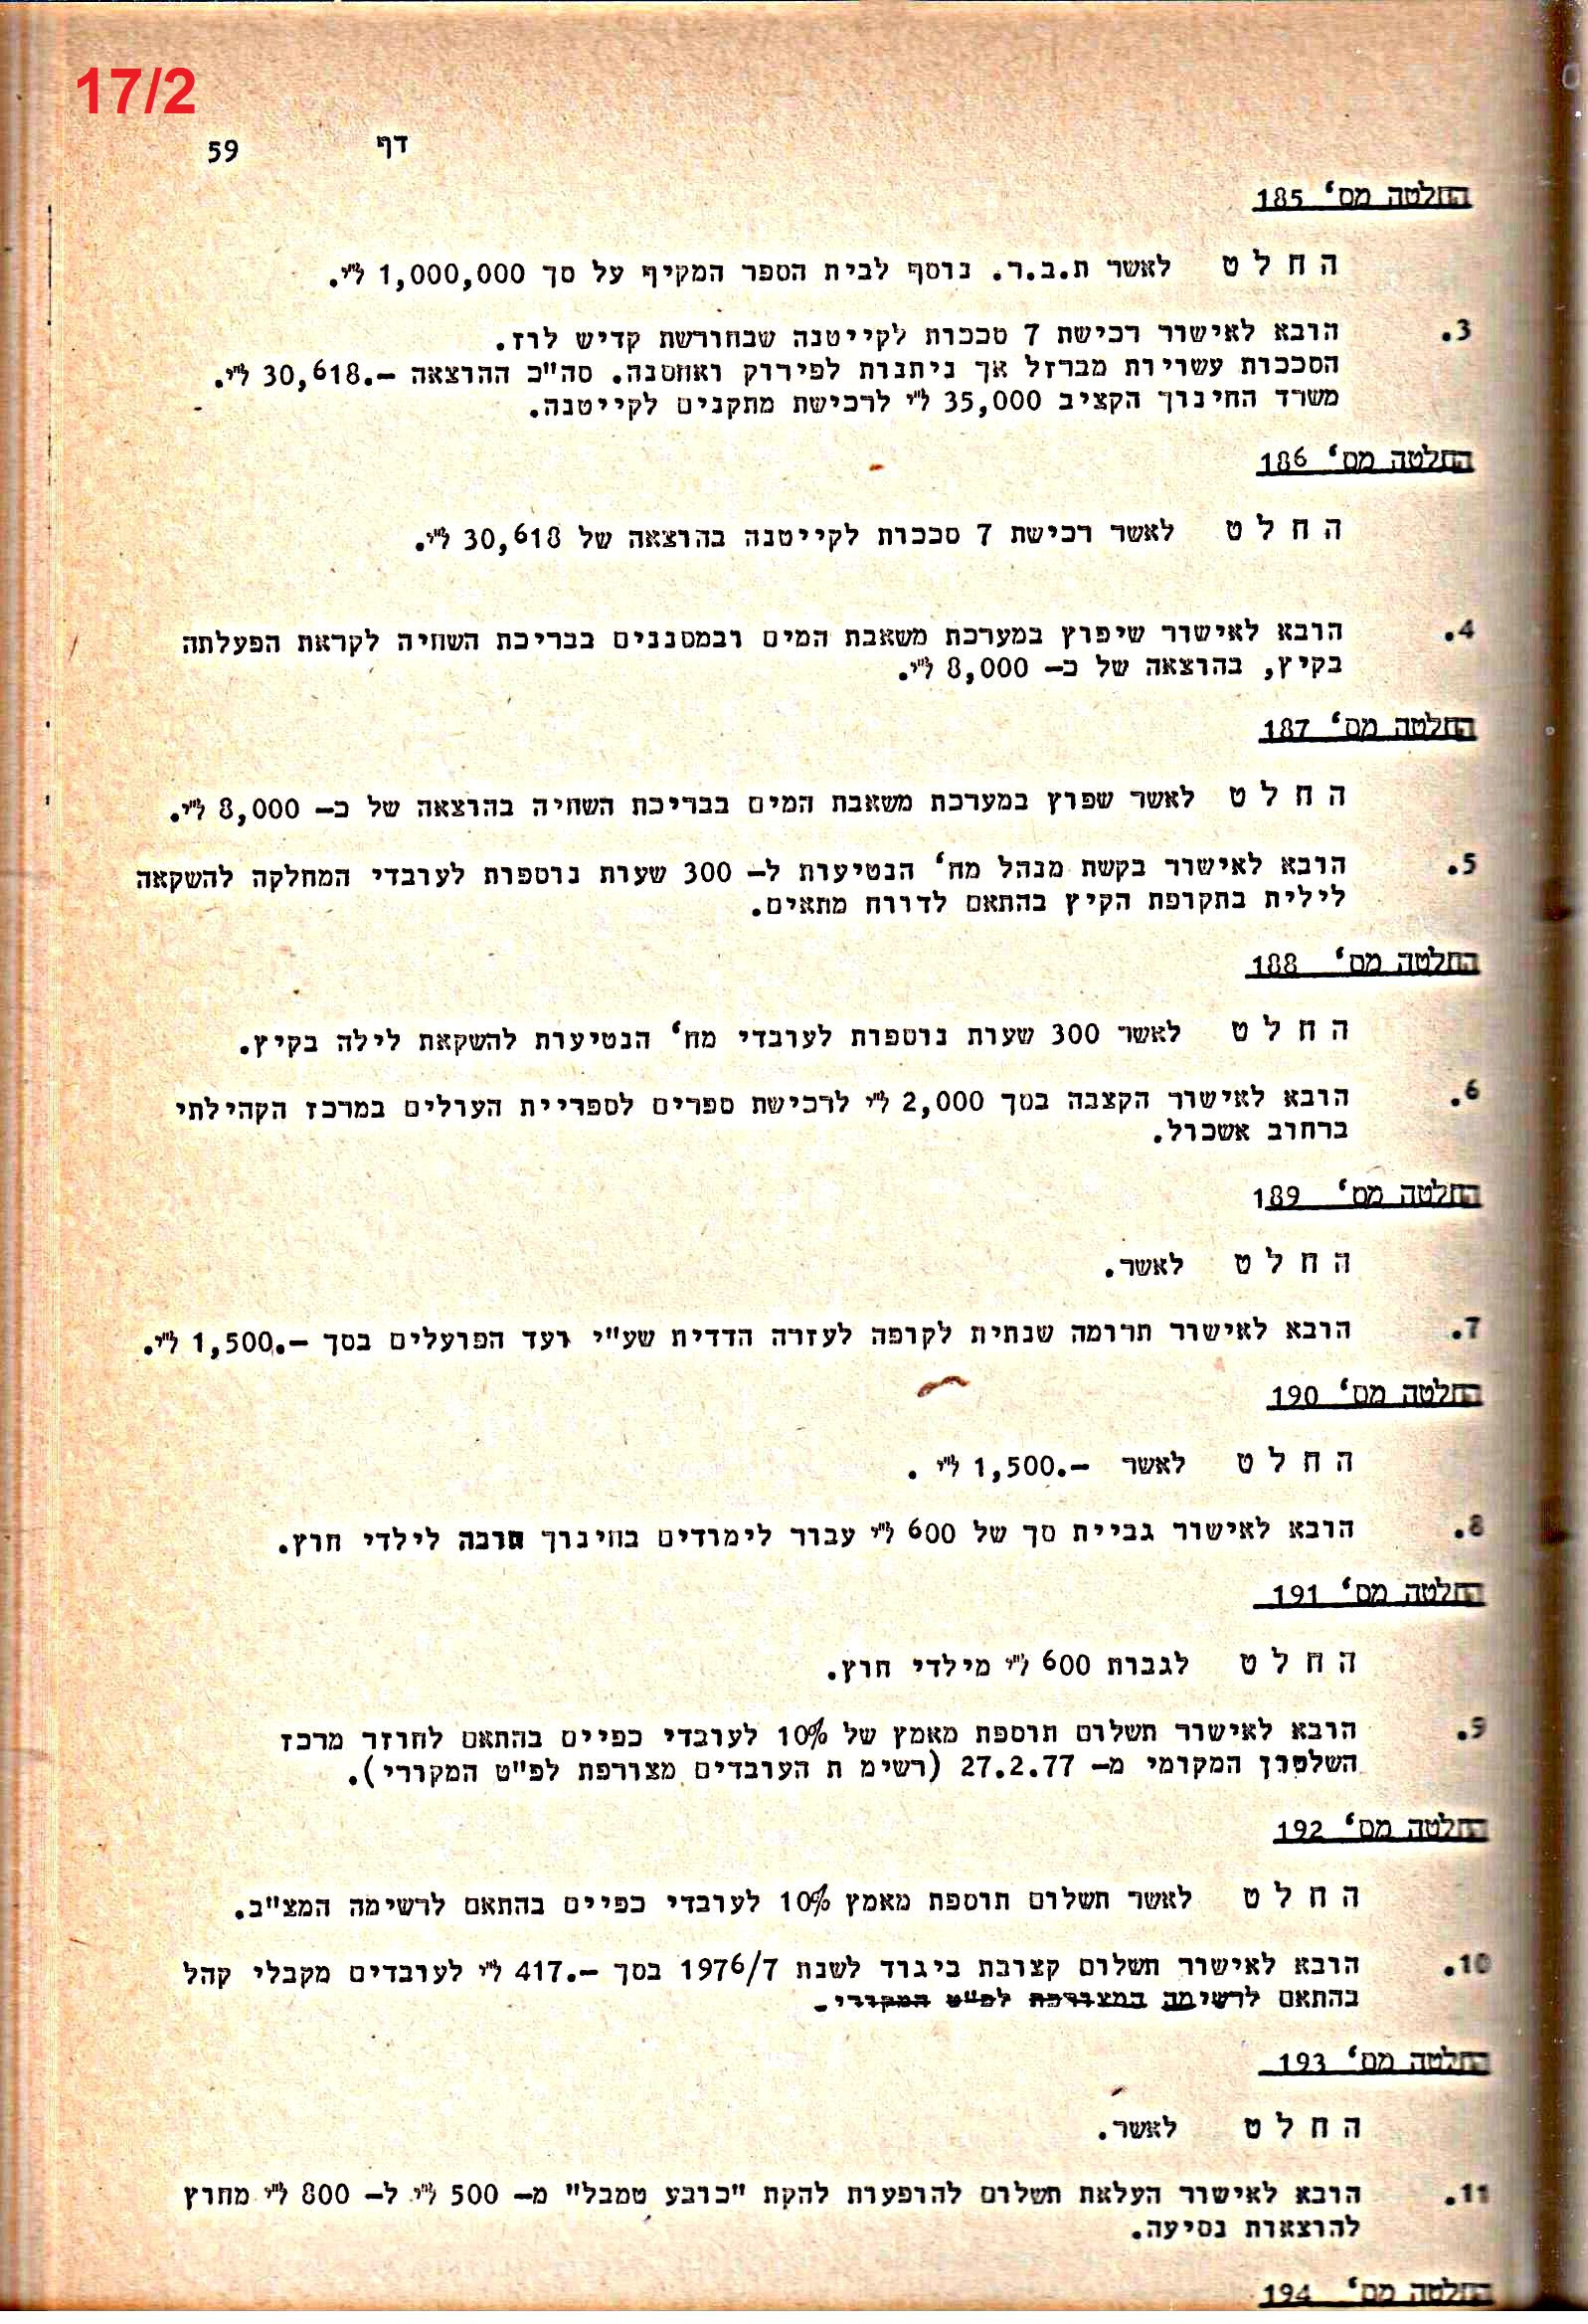 פרוטוקולים 20 – ועדות (כספים) – 22.11.78 – 22.8.76 by riki deri - Illustrated by  מוזיאון בית גרושקביץ / כרך 20 - Ourboox.com